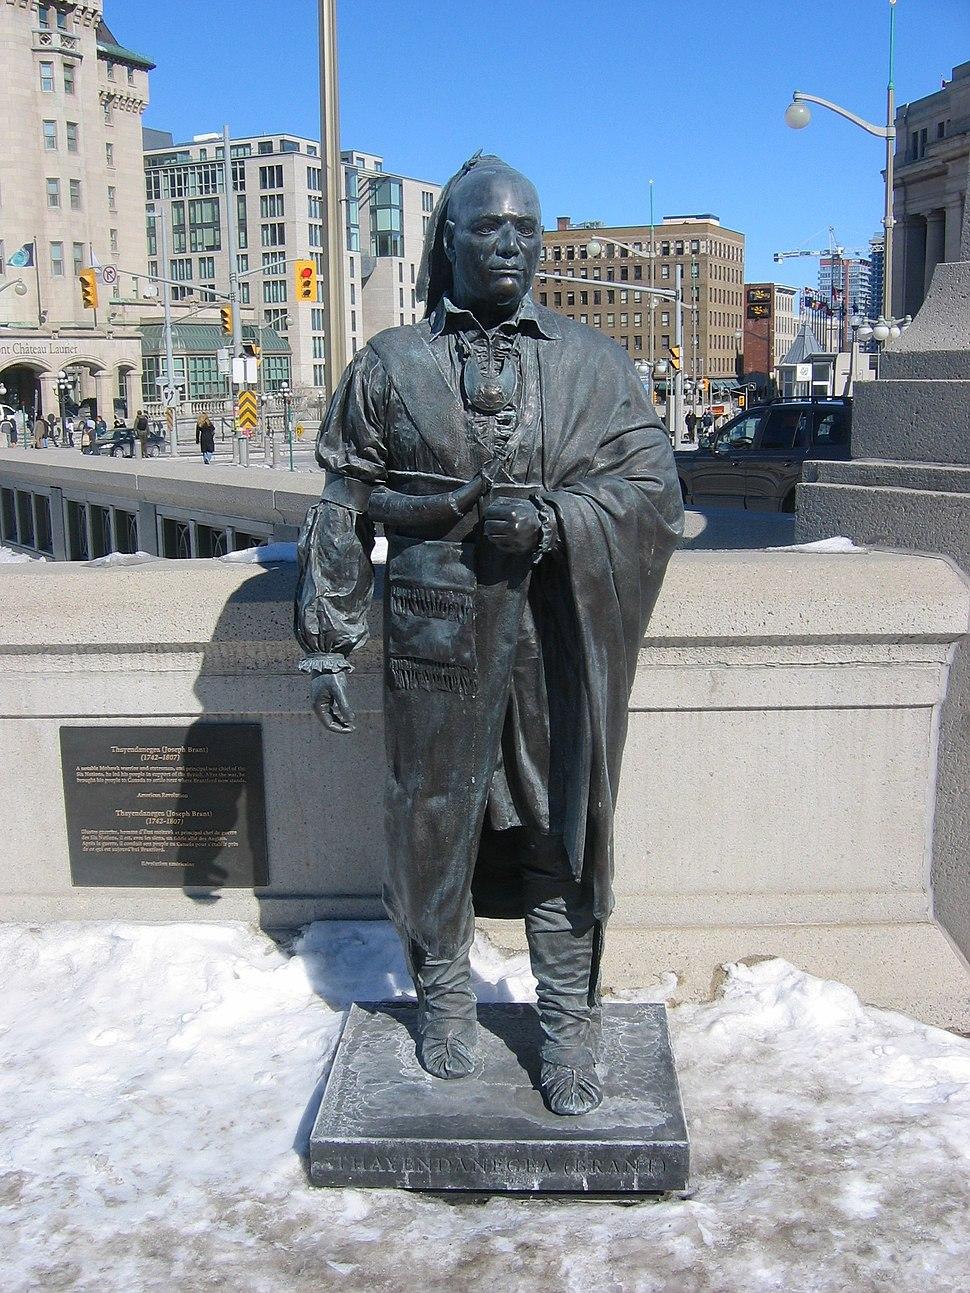 Thayendanegea (Joseph Brant) statue